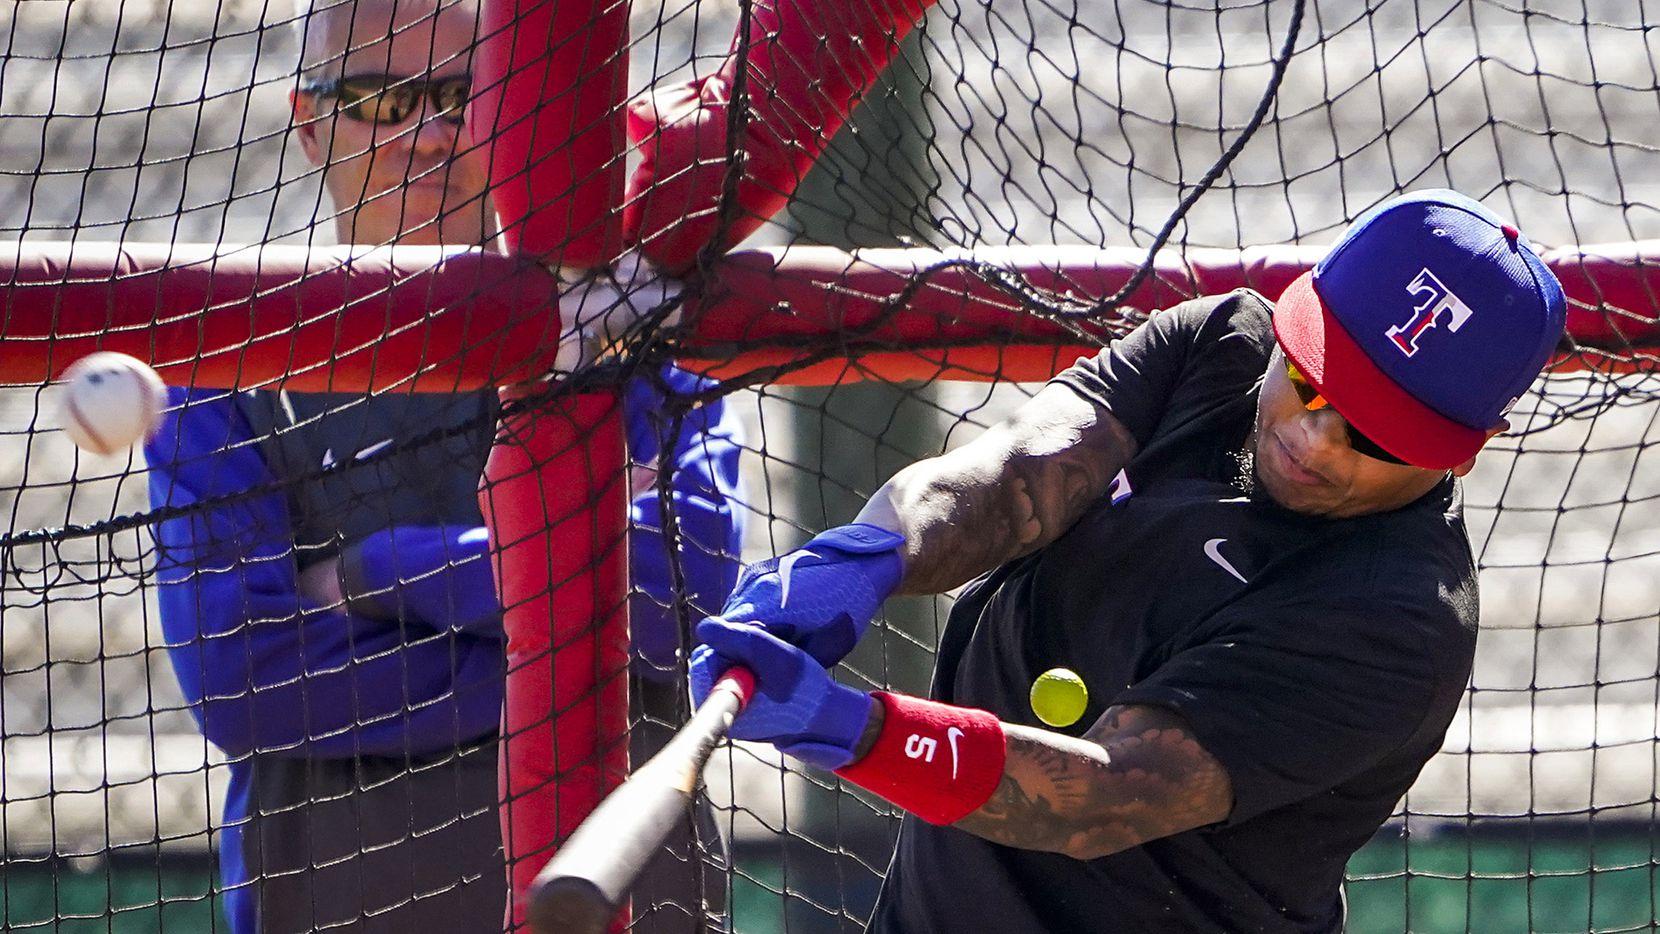 El jardinero de los Texas Rangers, Willie Calhoun, estará fuera de acción tras la fractura de mandíbula que sufrió en un partido de pretemporada en Arizona.